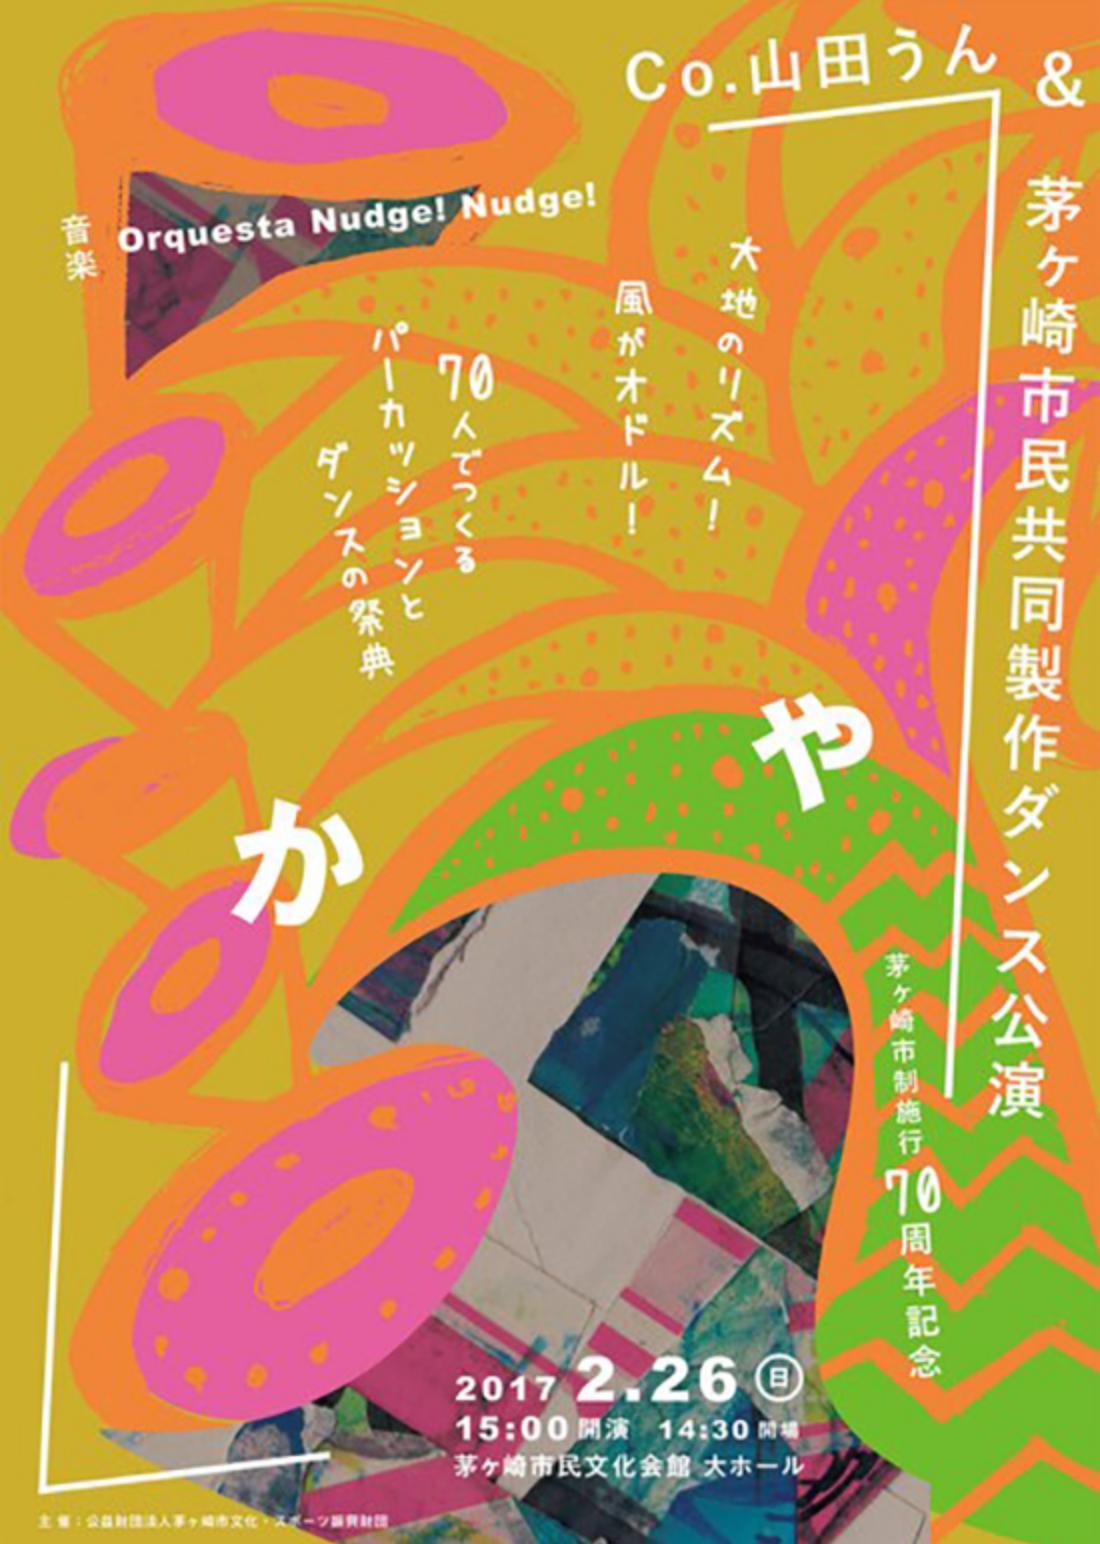 茅ヶ崎市制施行70周年記念 Co.山田うん&茅ヶ崎市民共同製作ダンス公演「かや」